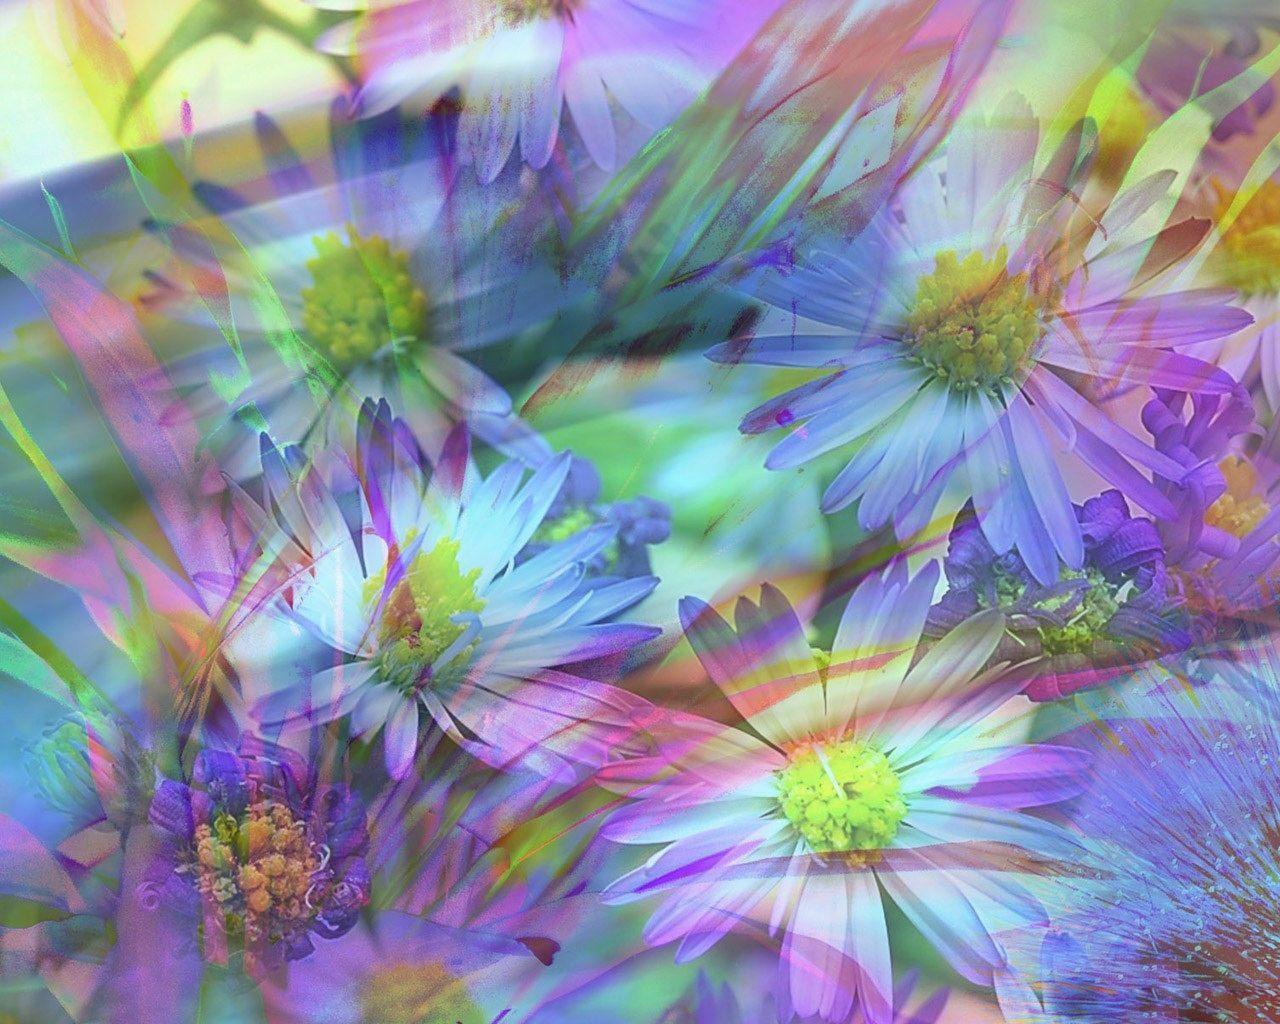 Spring Flower Desktop Backgrounds - Wallpaper Cave